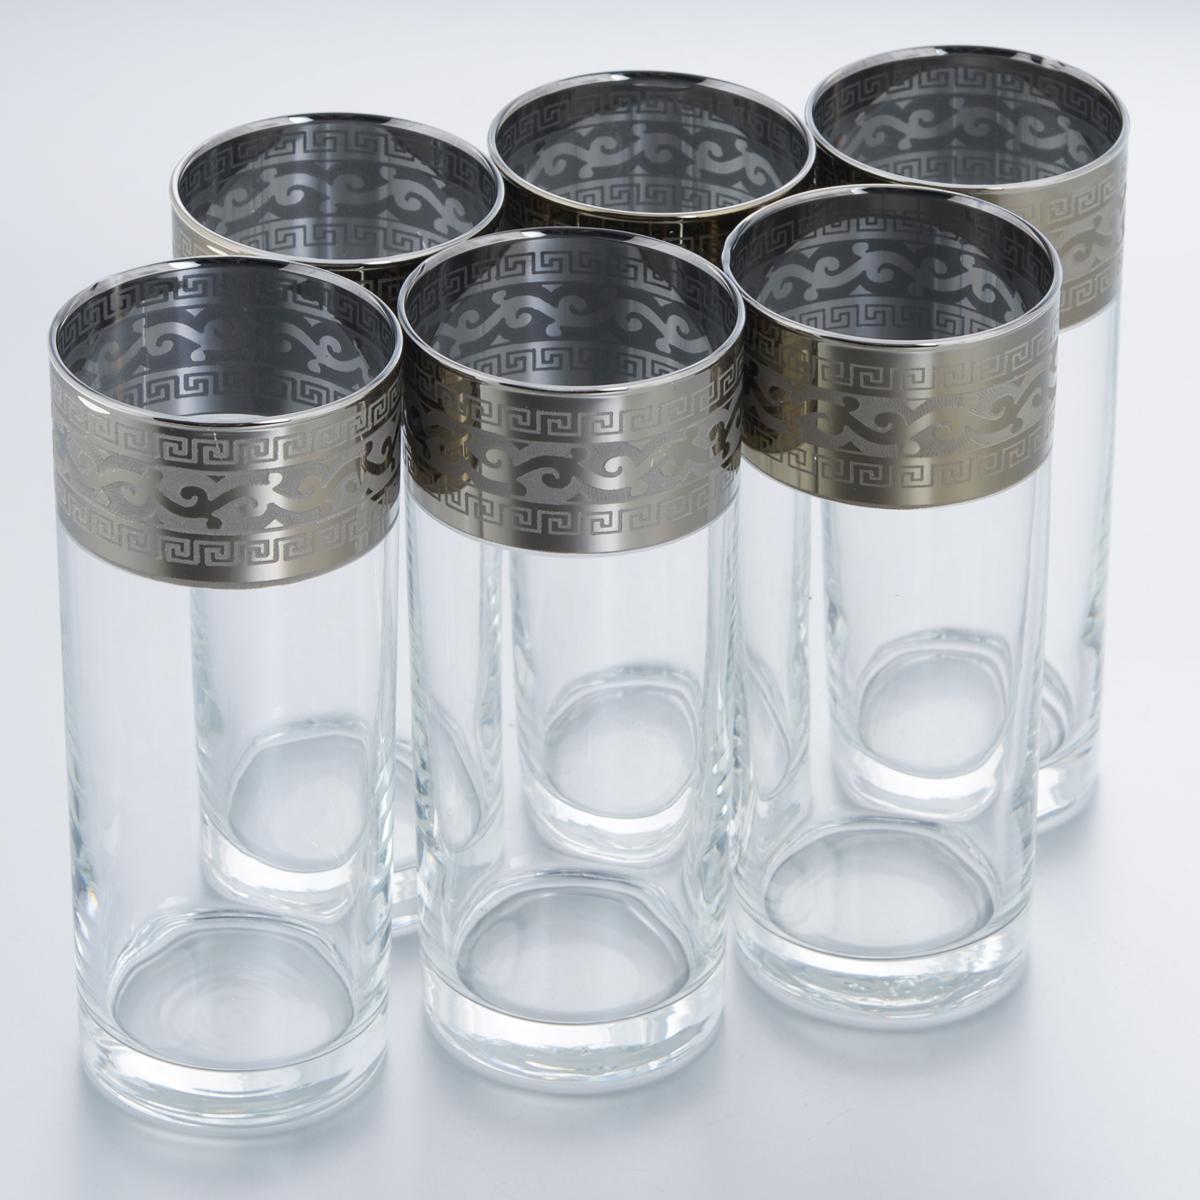 Набор стаканов для сока Гусь-Хрустальный Версаче, 350 мл, 6 штGE08-806Набор Гусь-Хрустальный Версаче состоит из 6 высоких стаканов, изготовленных из высококачественного натрий-кальций-силикатного стекла. Изделия оформлены красивым зеркальным покрытием и широкой окантовкой с оригинальным узором. Стаканы предназначены для подачи сока, а также воды и коктейлей. Такой набор прекрасно дополнит праздничный стол и станет желанным подарком в любом доме. Разрешается мыть в посудомоечной машине. Диаметр стакана (по верхнему краю): 6,3 см. Высота стакана: 15,7 см.Уважаемые клиенты! Обращаем ваше внимание на незначительные изменения в дизайне товара, допускаемые производителем. Поставка осуществляется в зависимости от наличия на складе.